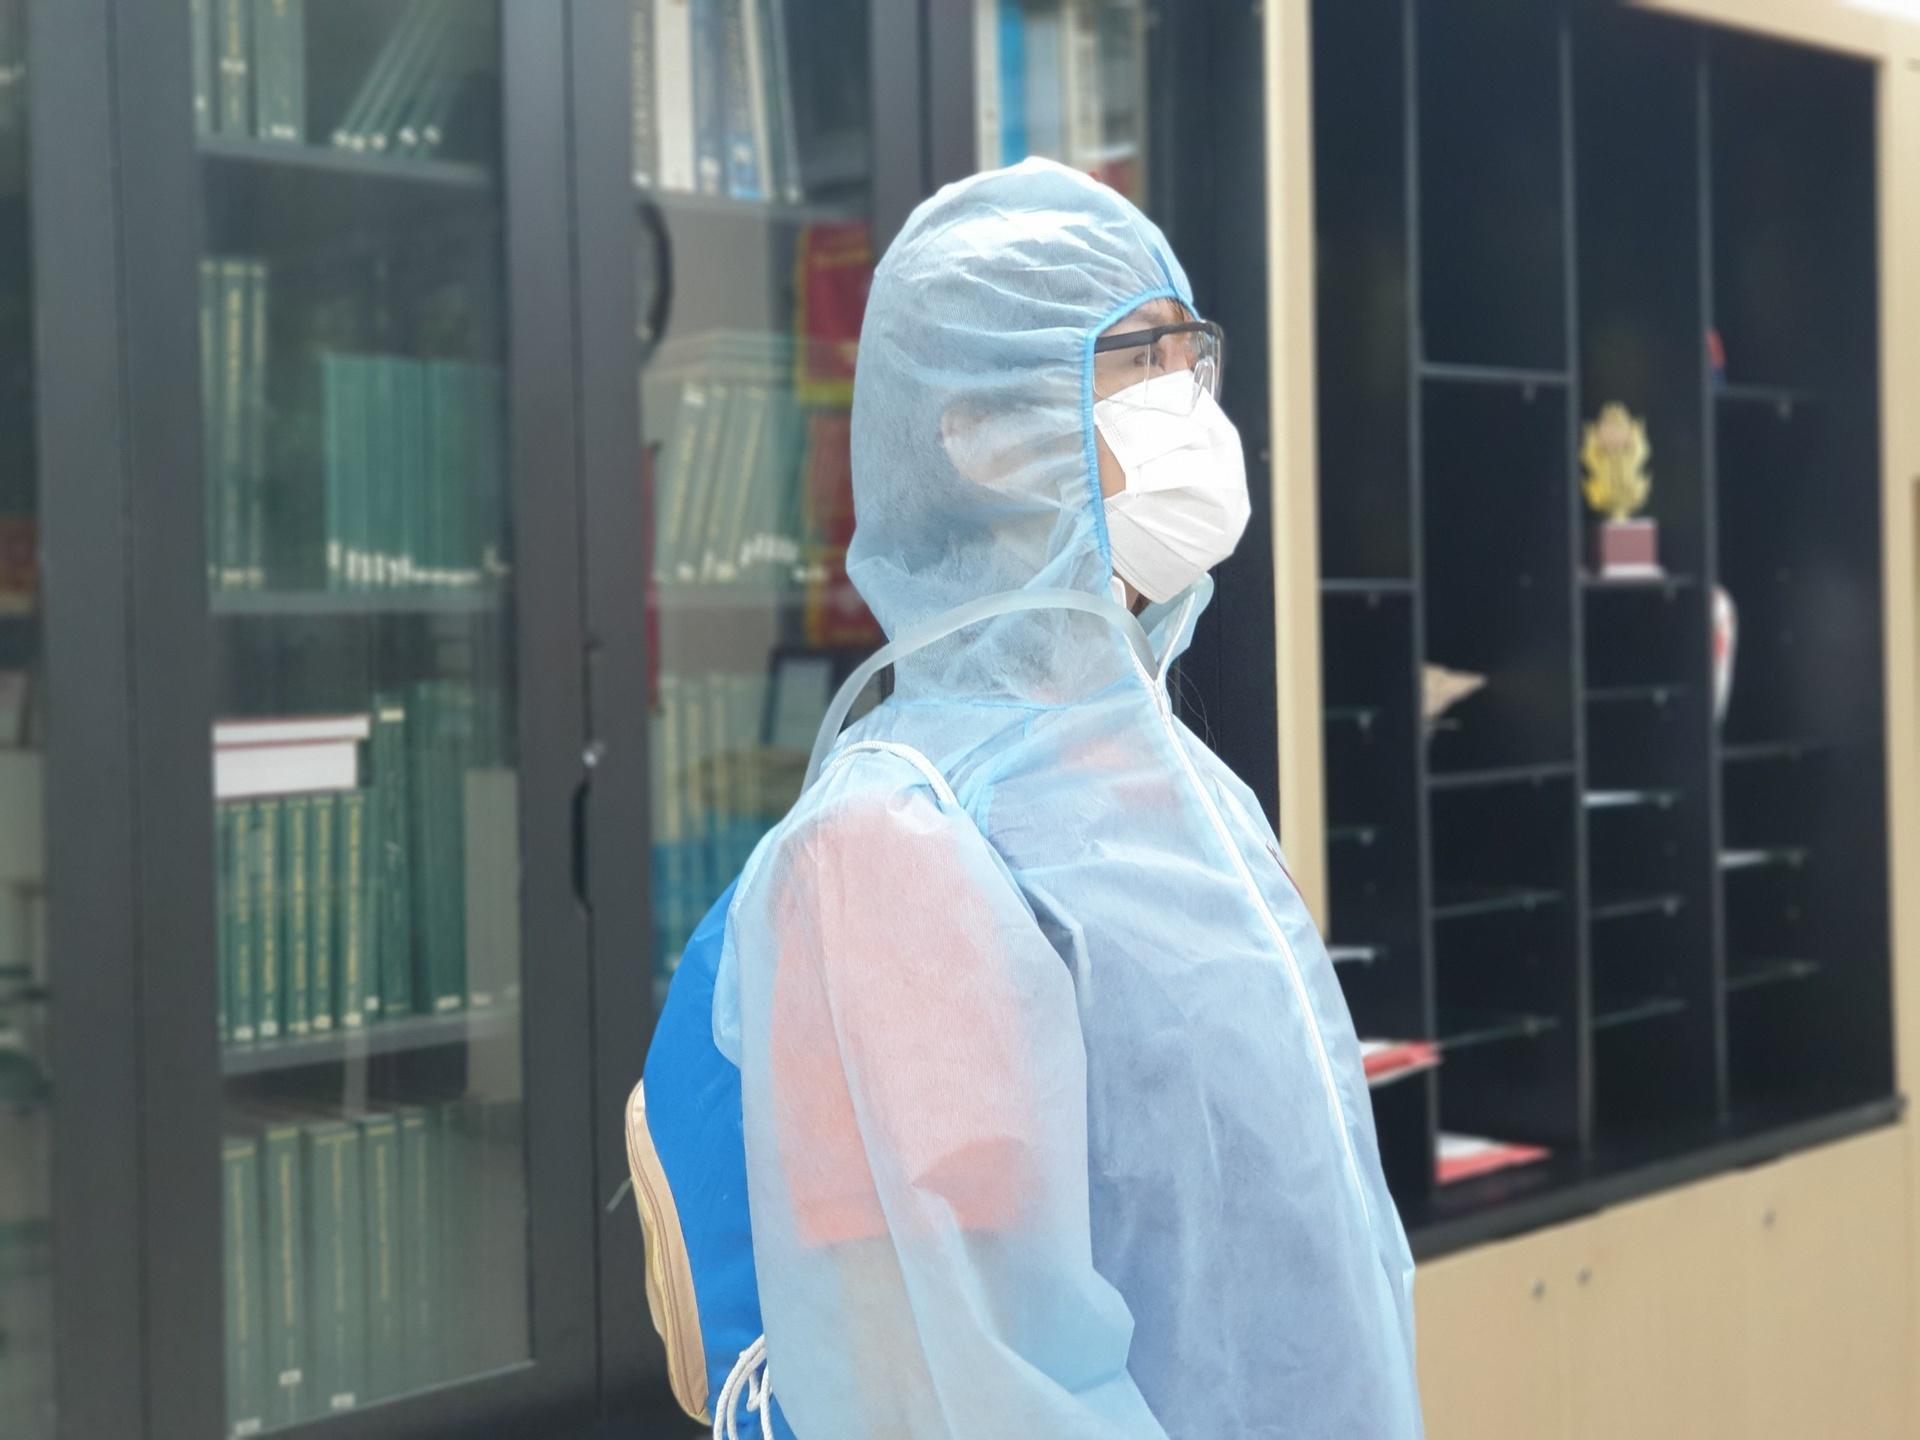 Sinh viên Bách khoa thiết kế áo làm mát cho y bác sĩ chống dịch